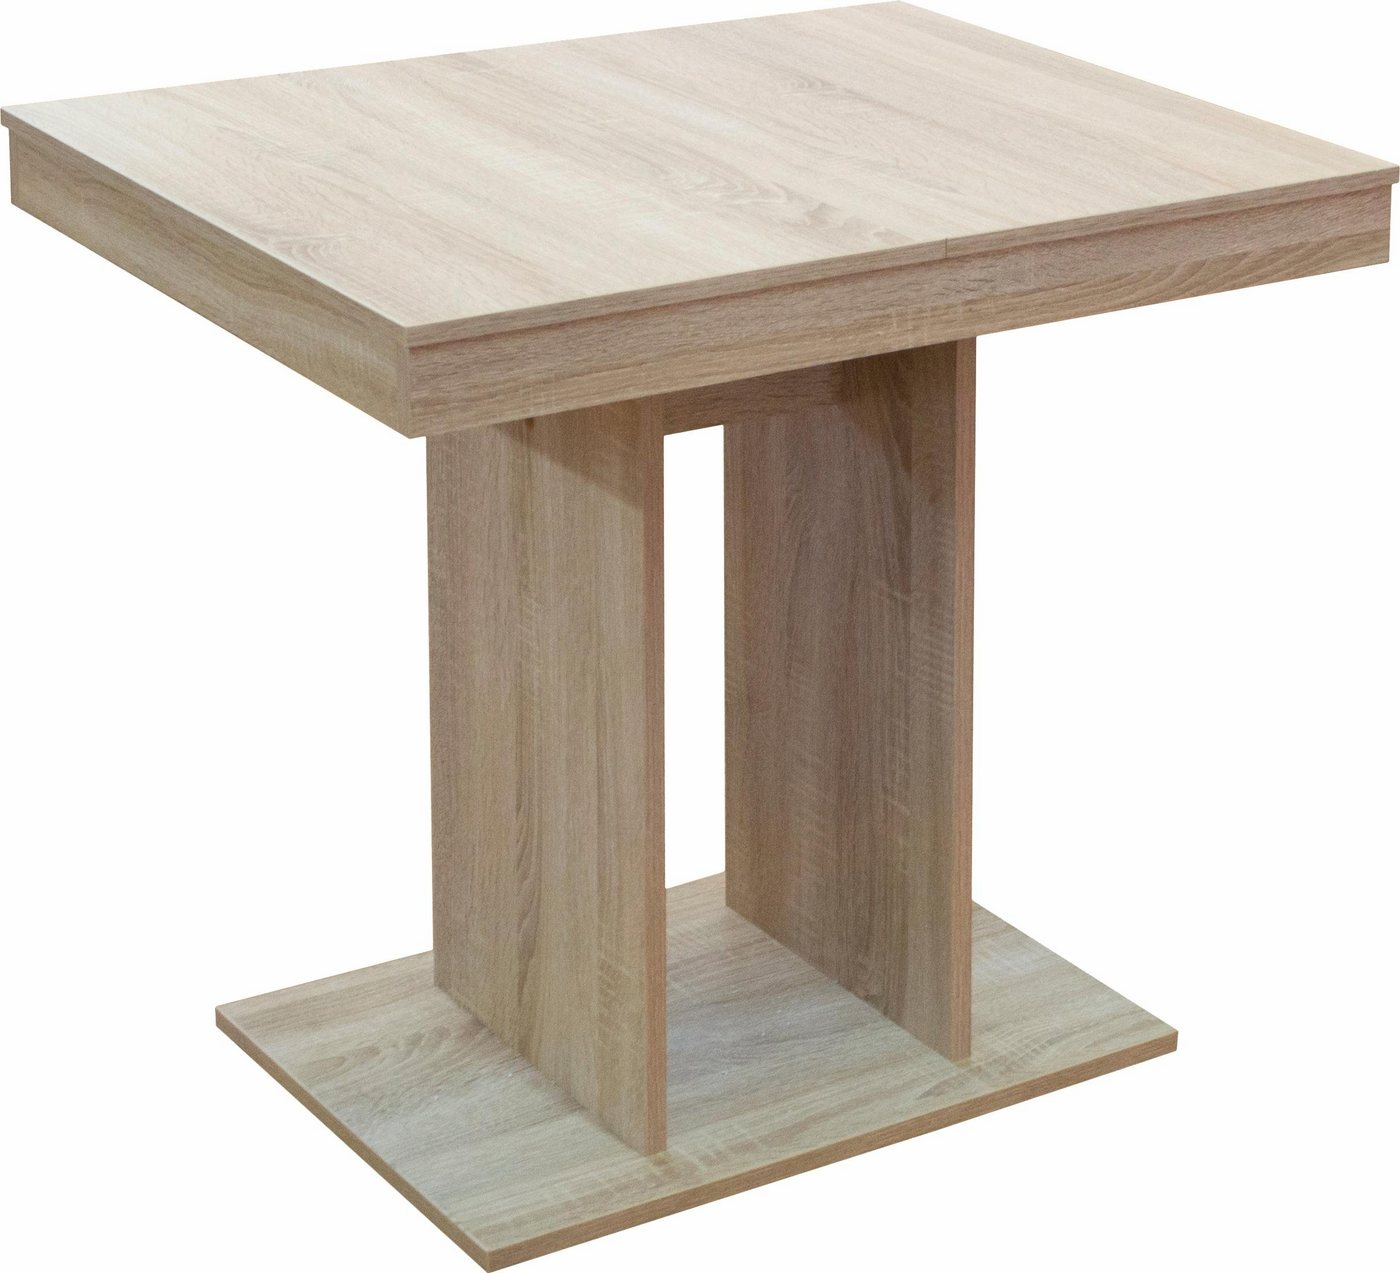 Eettafel, breedte 80-120 cm